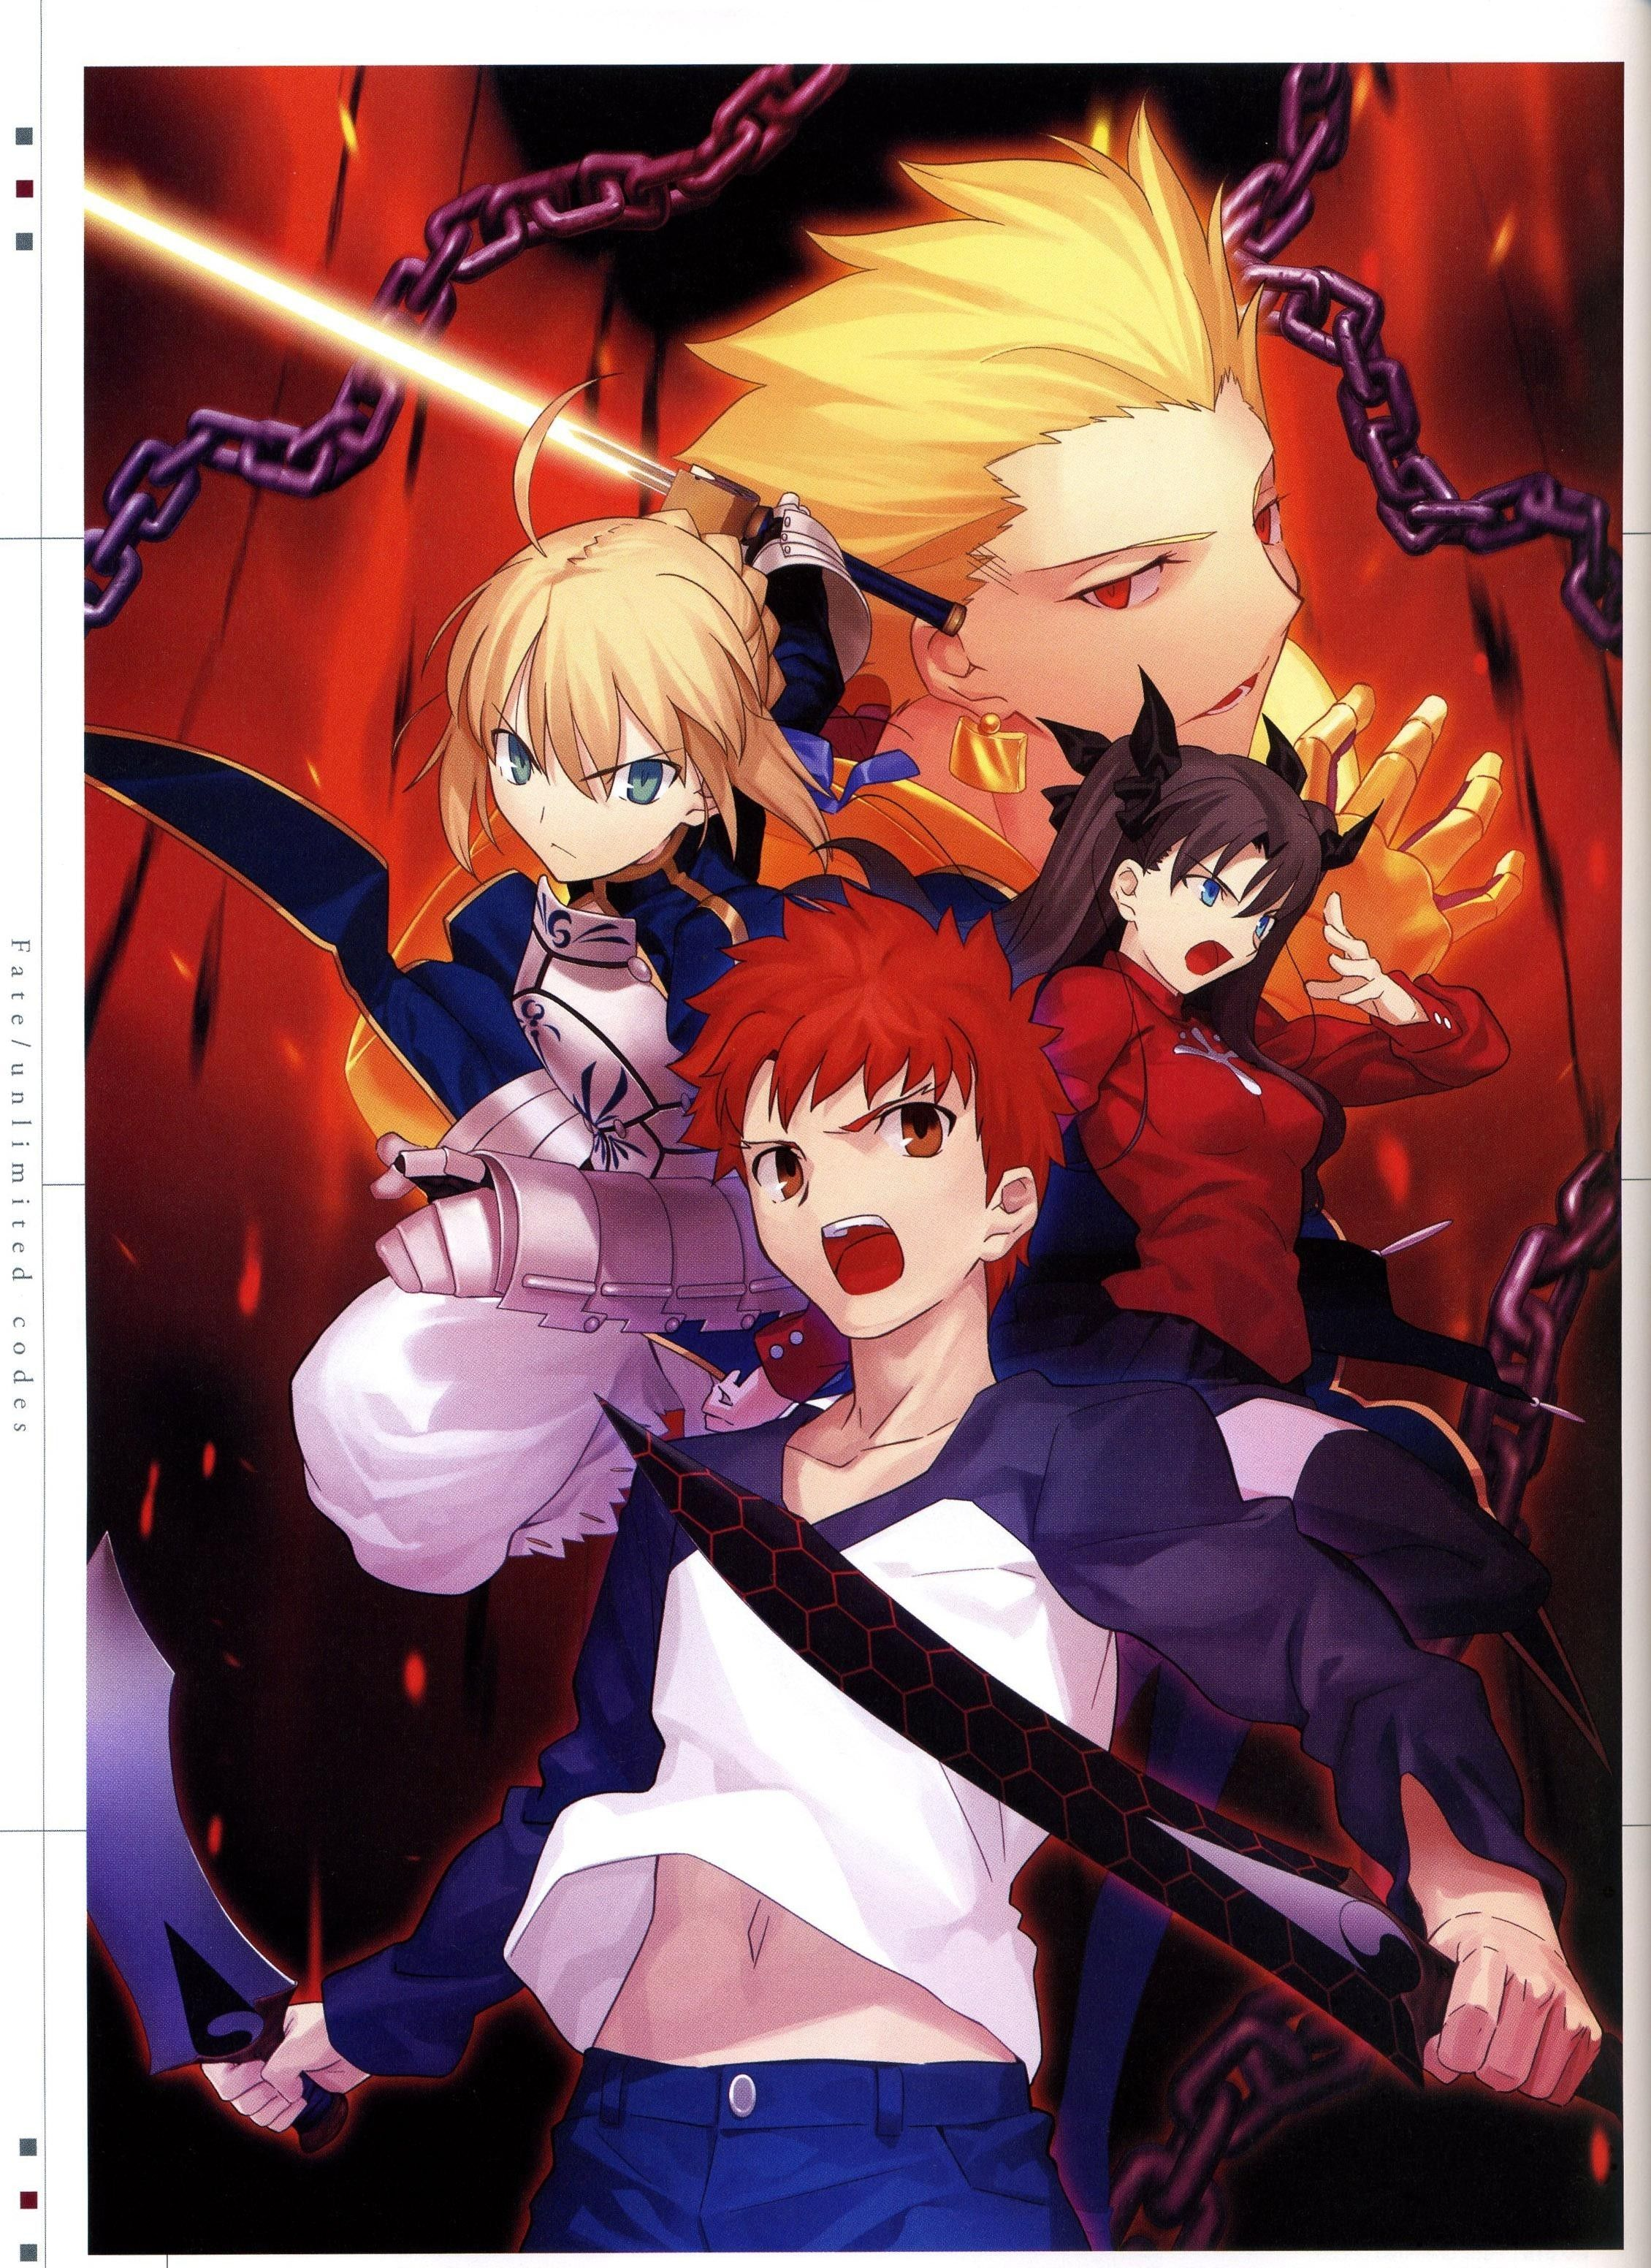 Shirou Emiya / Saber / Rin Tohsaka / Gilgamesh【Fate/Stay